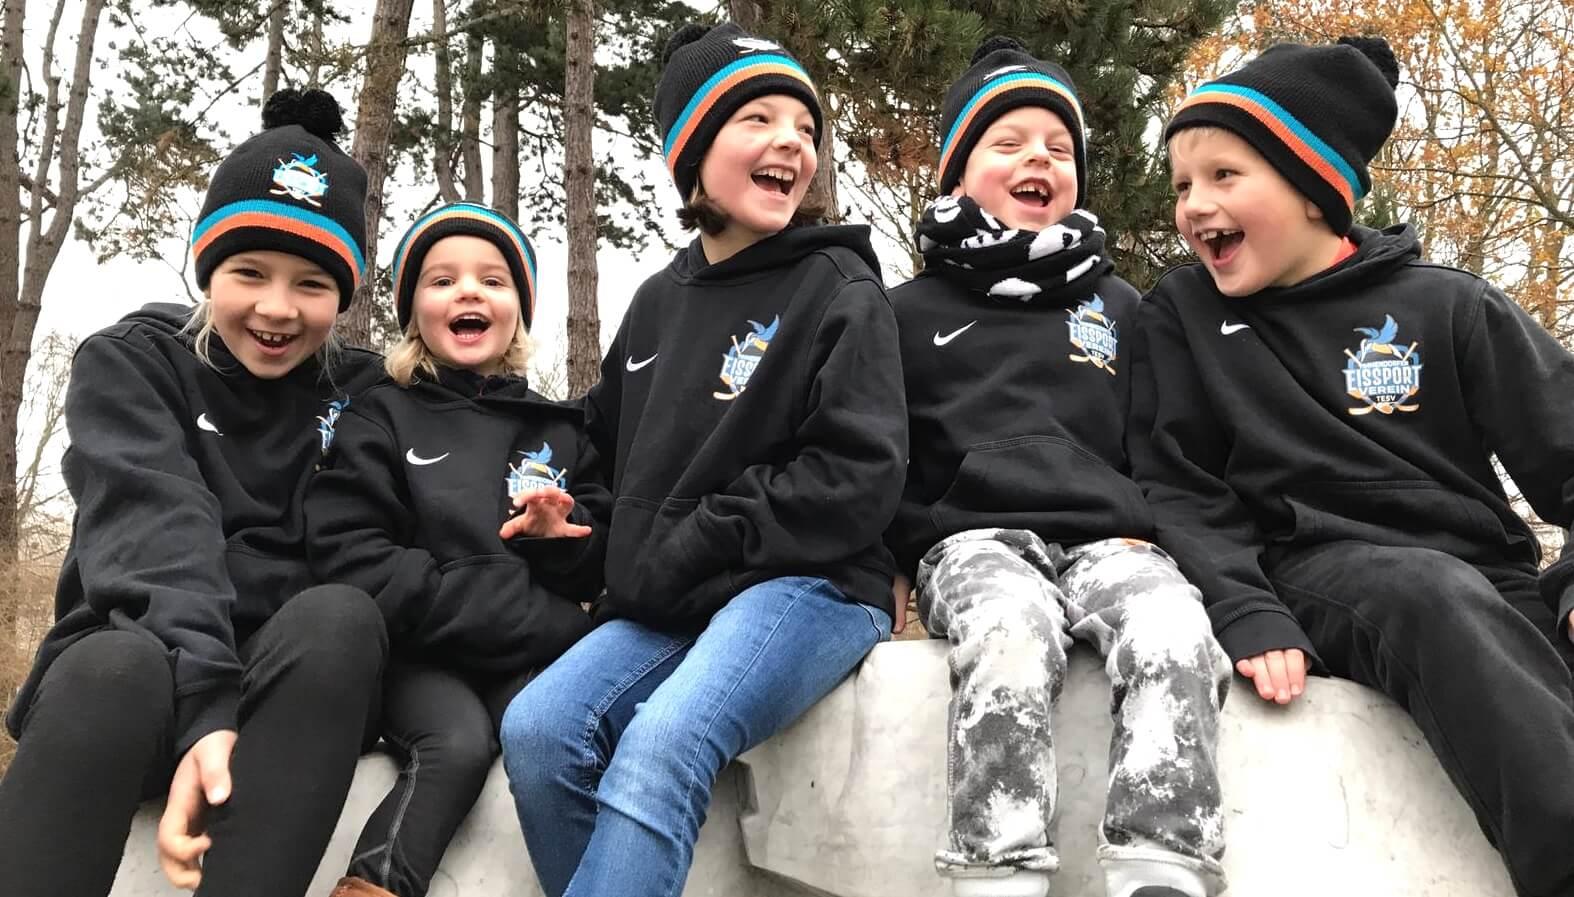 Mützen für Eissport-Junioren in Norddeutschland